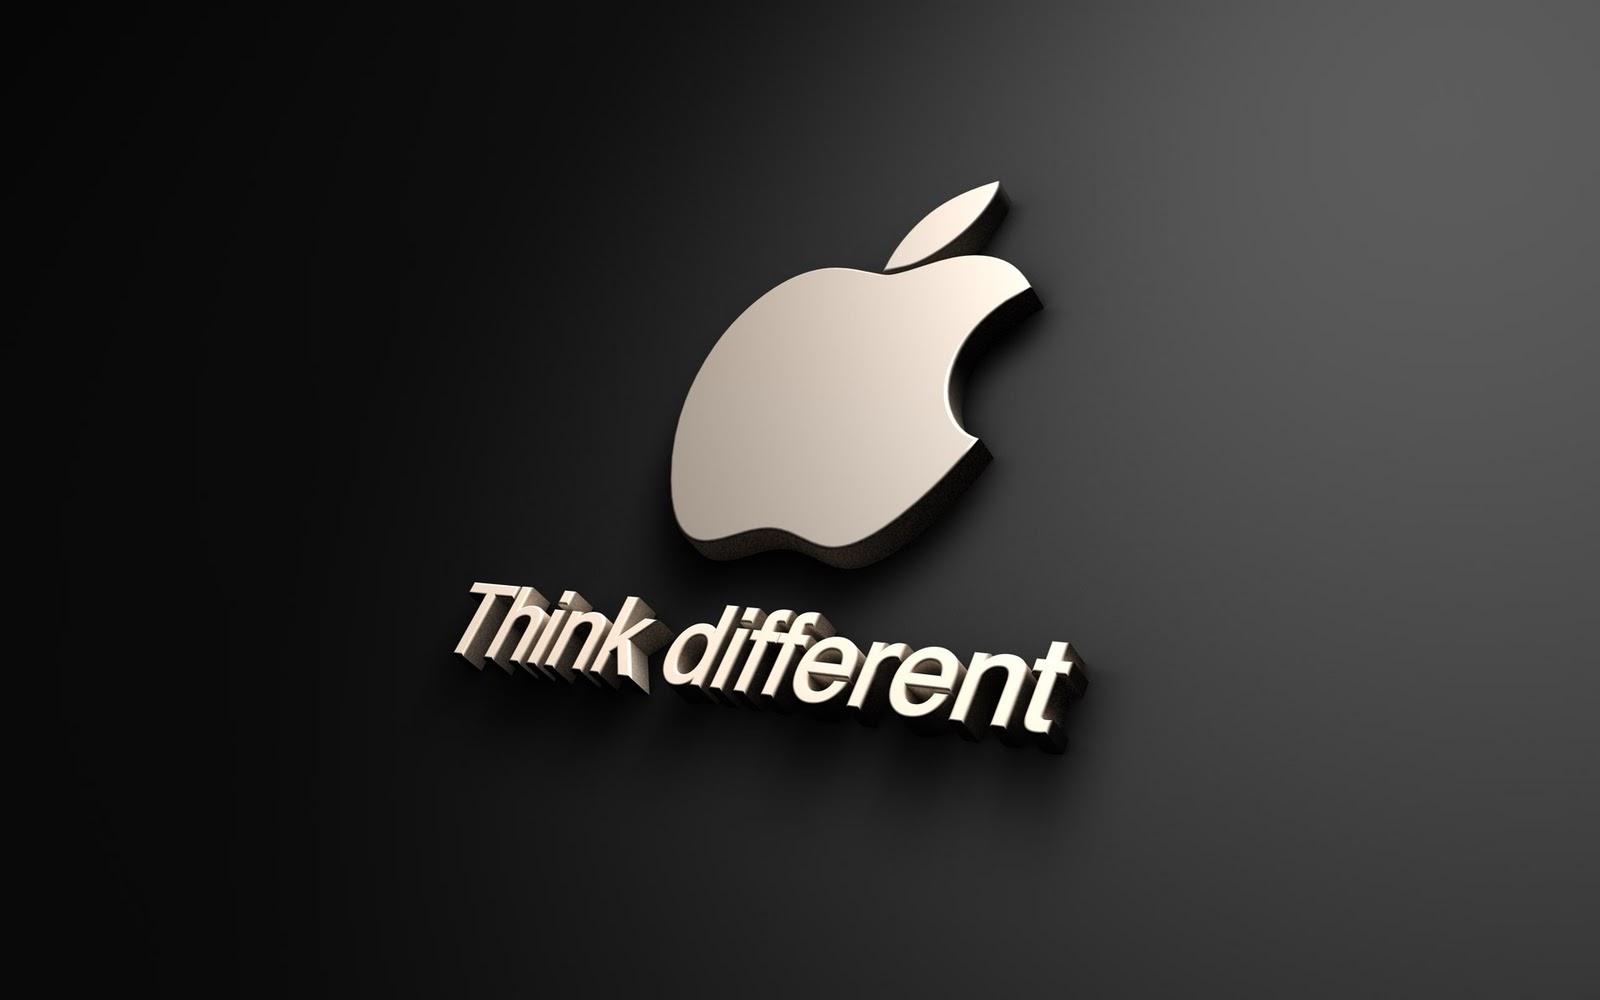 Les nouveautés d'Apple en 2016